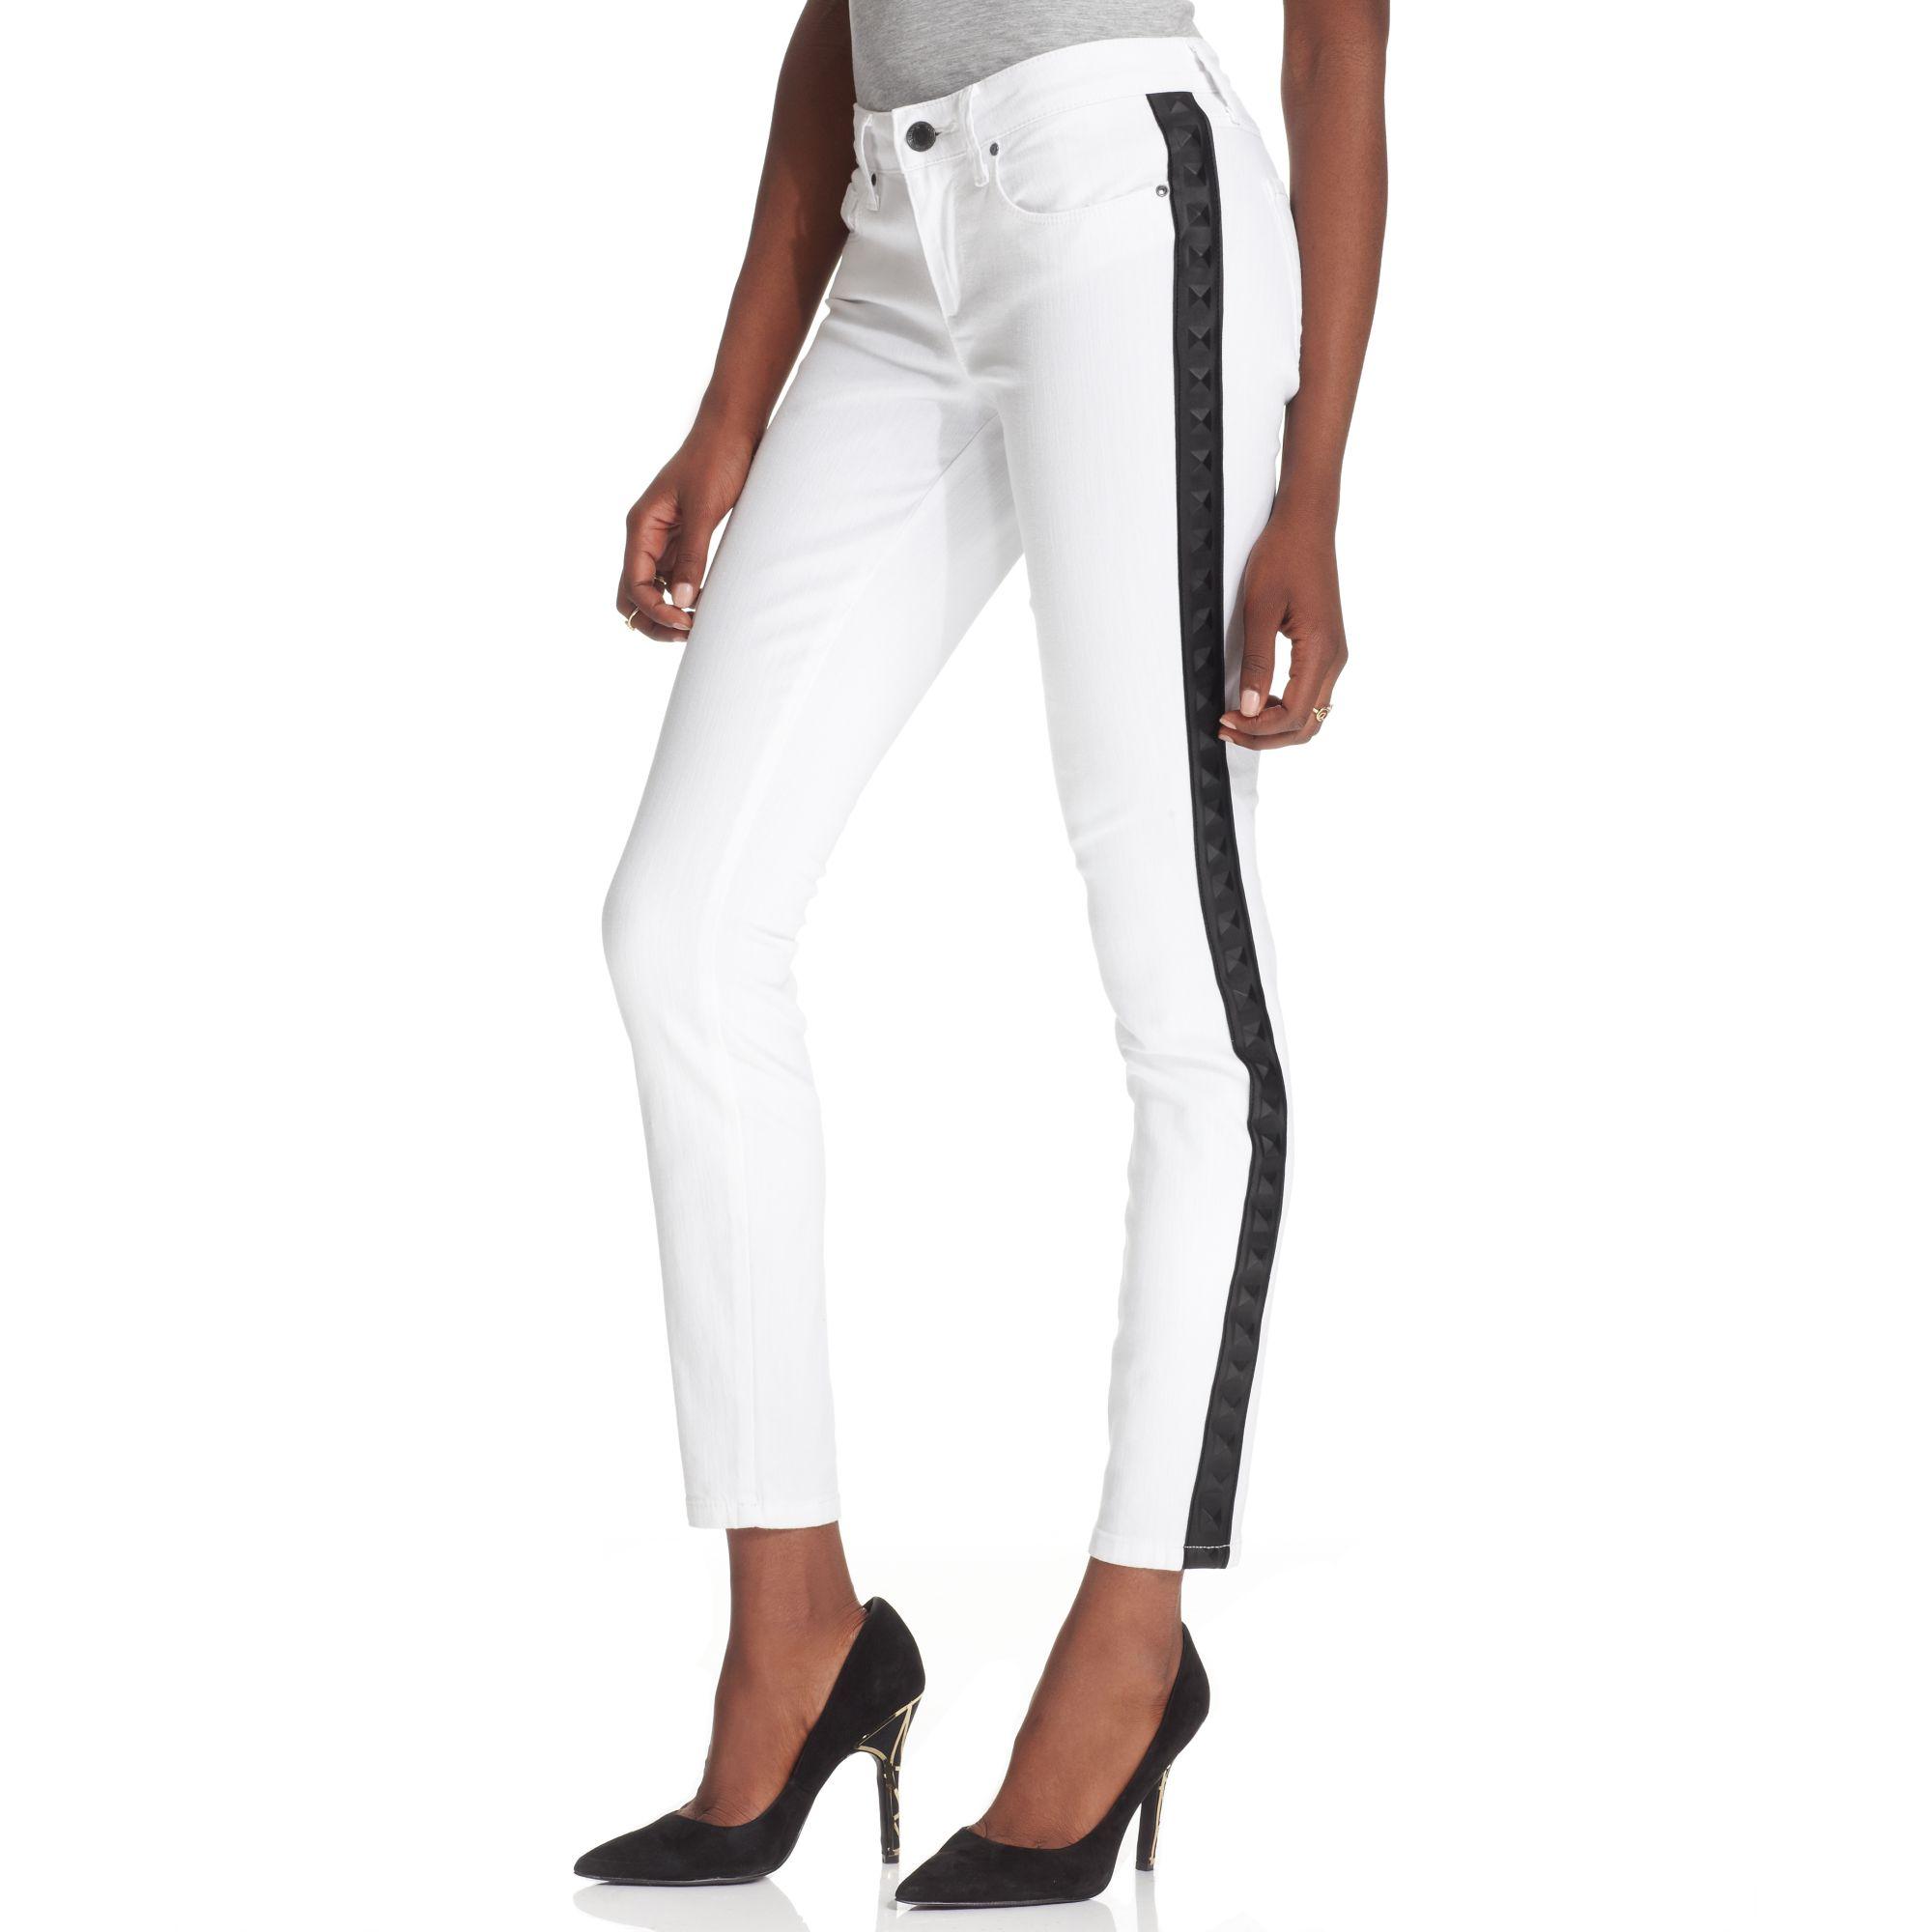 Rachel Rachel Roy Tuxedo Studded Skinny Jeans in White